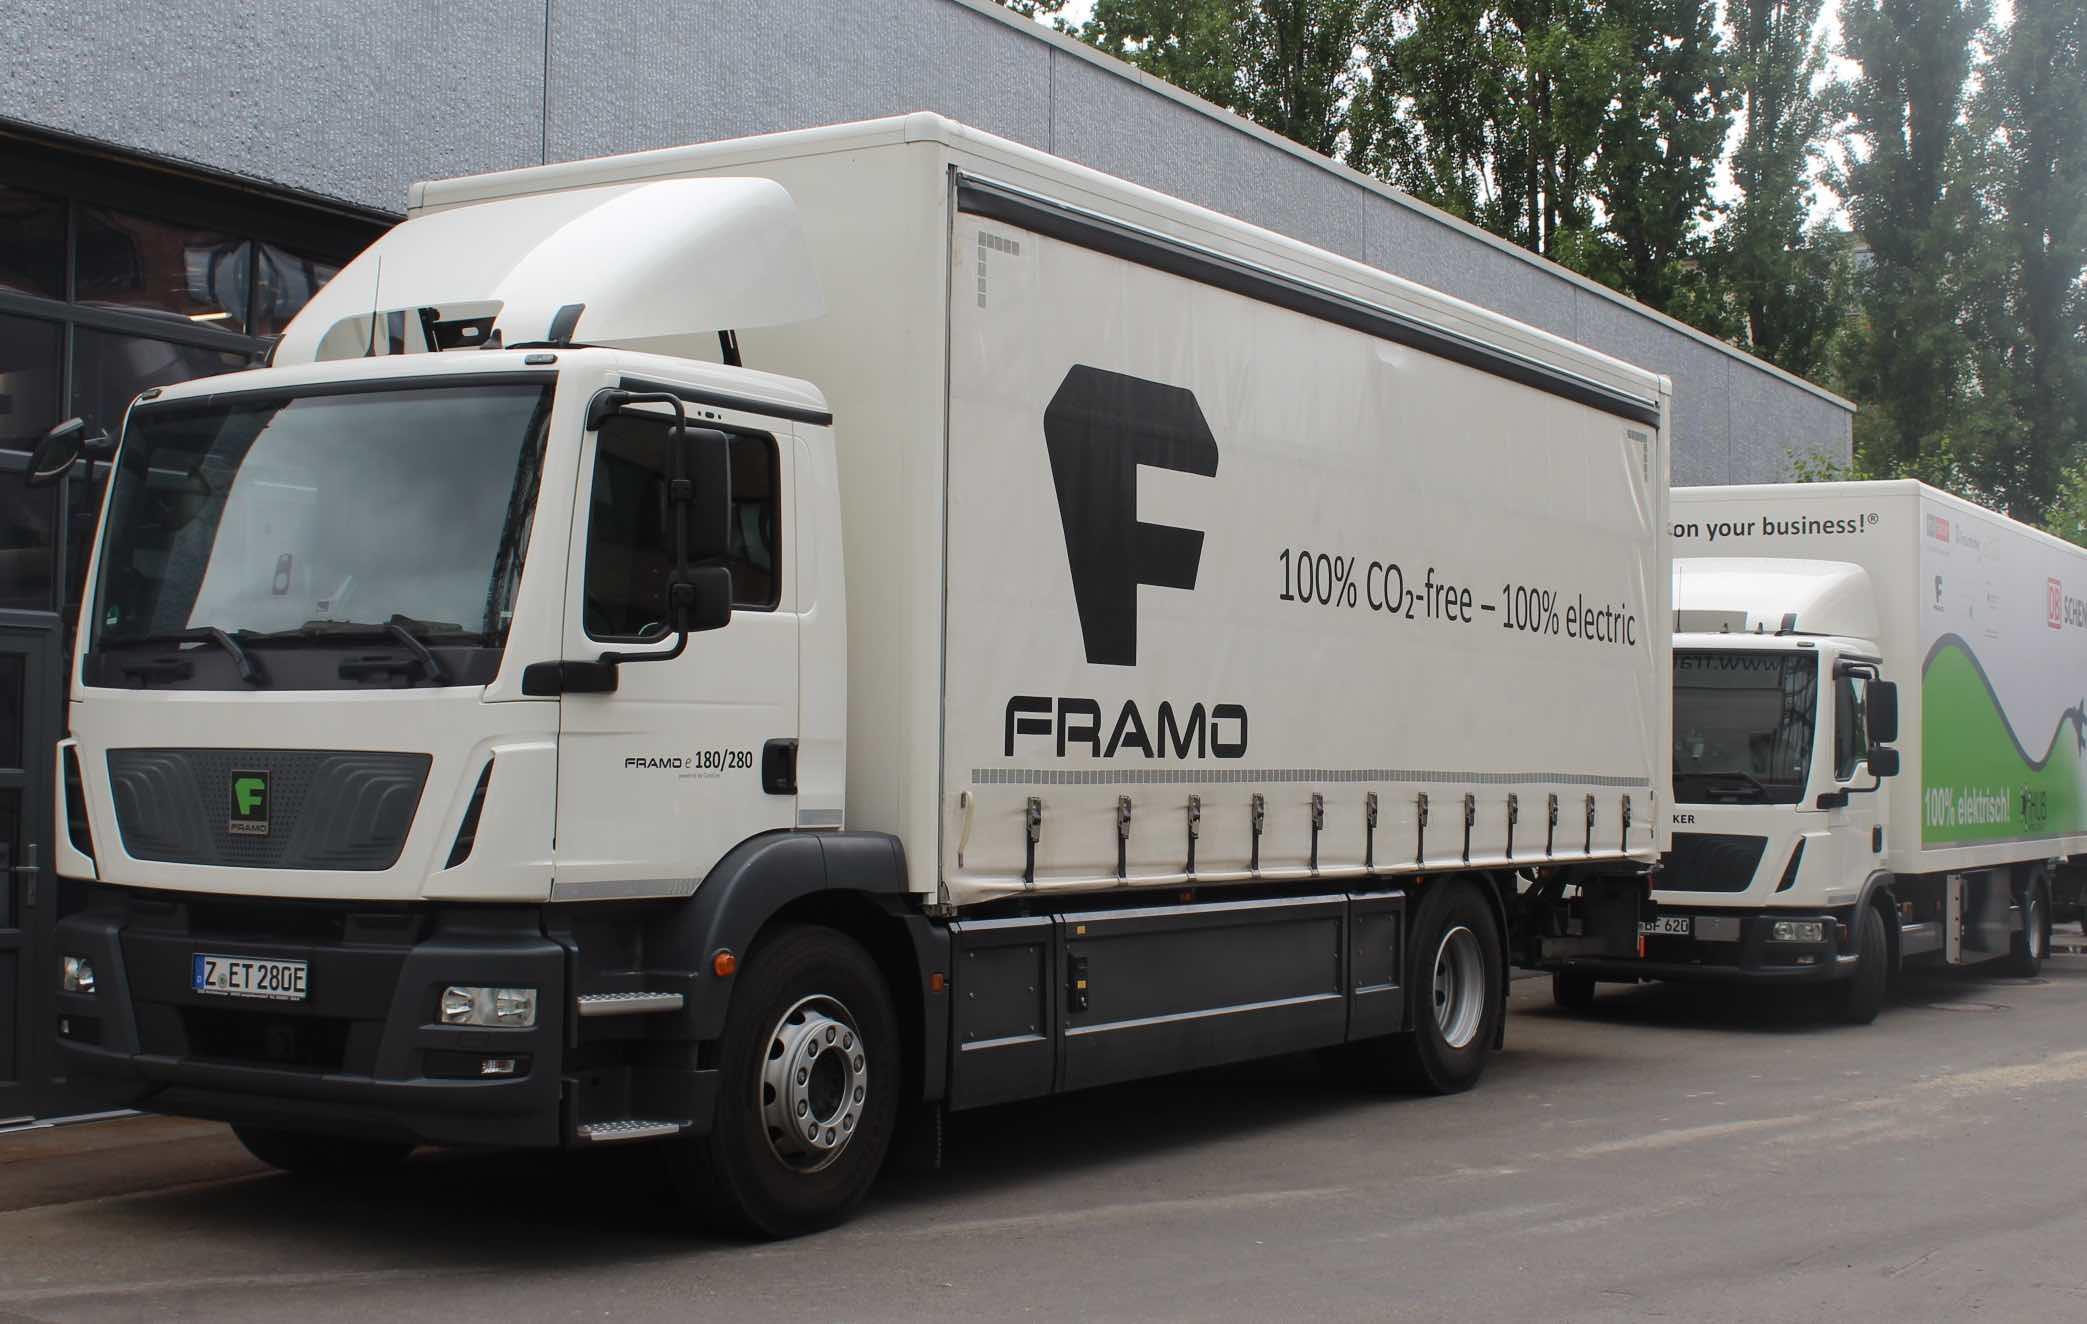 Der Framo-Lastwagen bei DB Schenker © BuckNovak